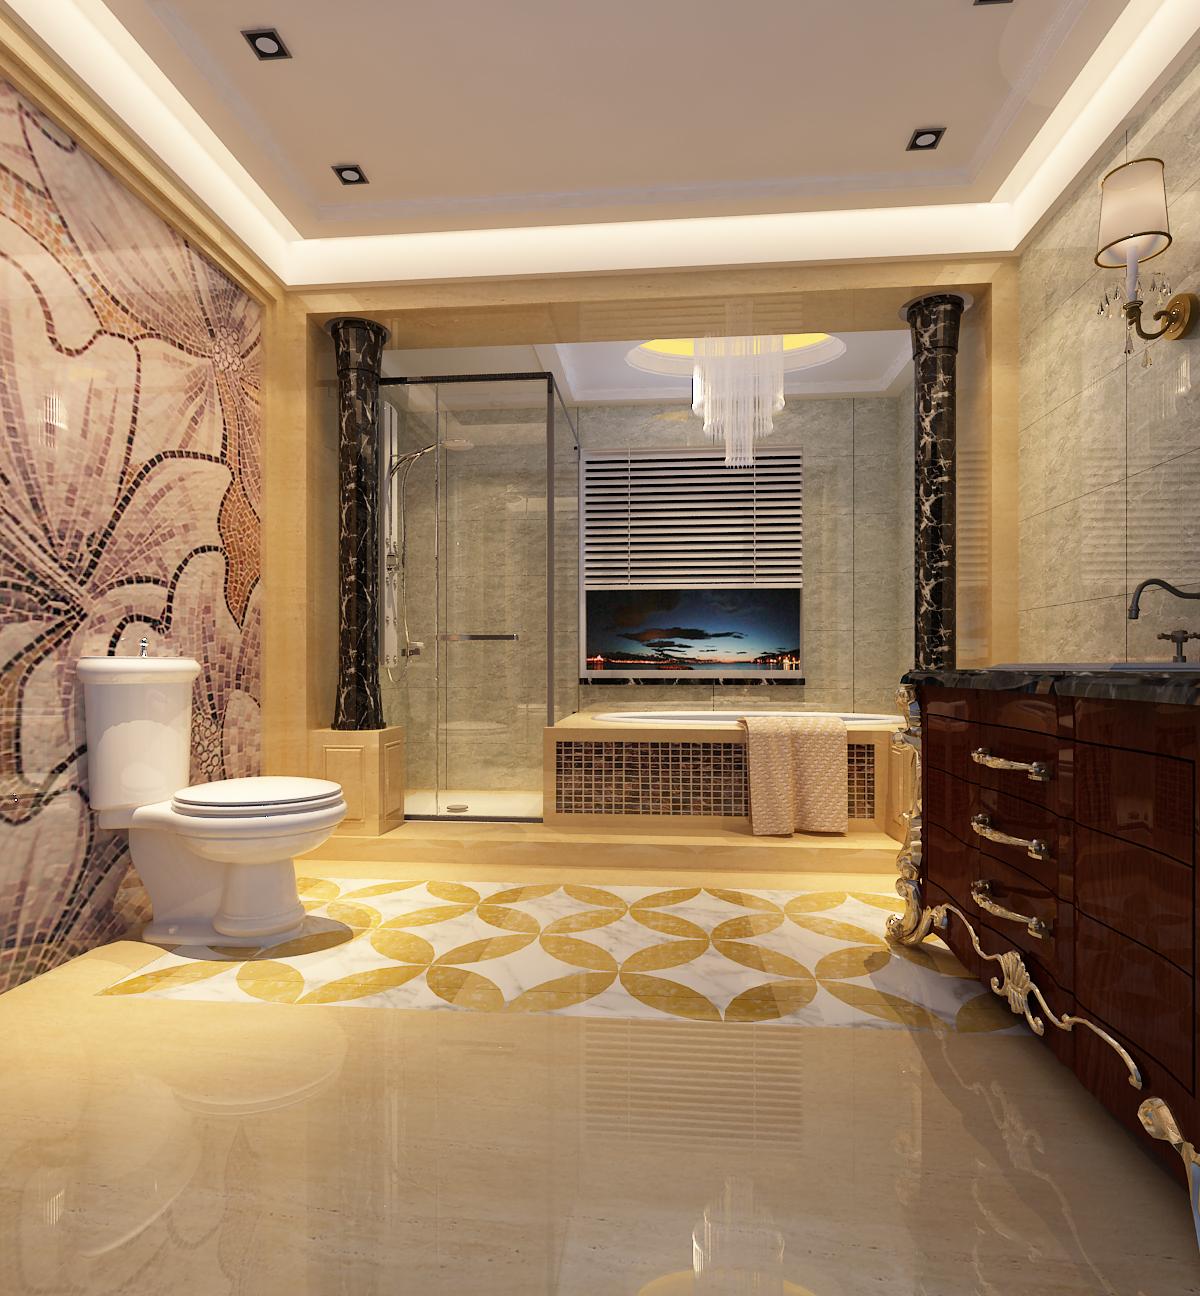 别墅 豪华 自建房 欧式 卫生间图片来自昆明九创装饰温舒德在超级豪华大别墅,有钱就是任性的分享